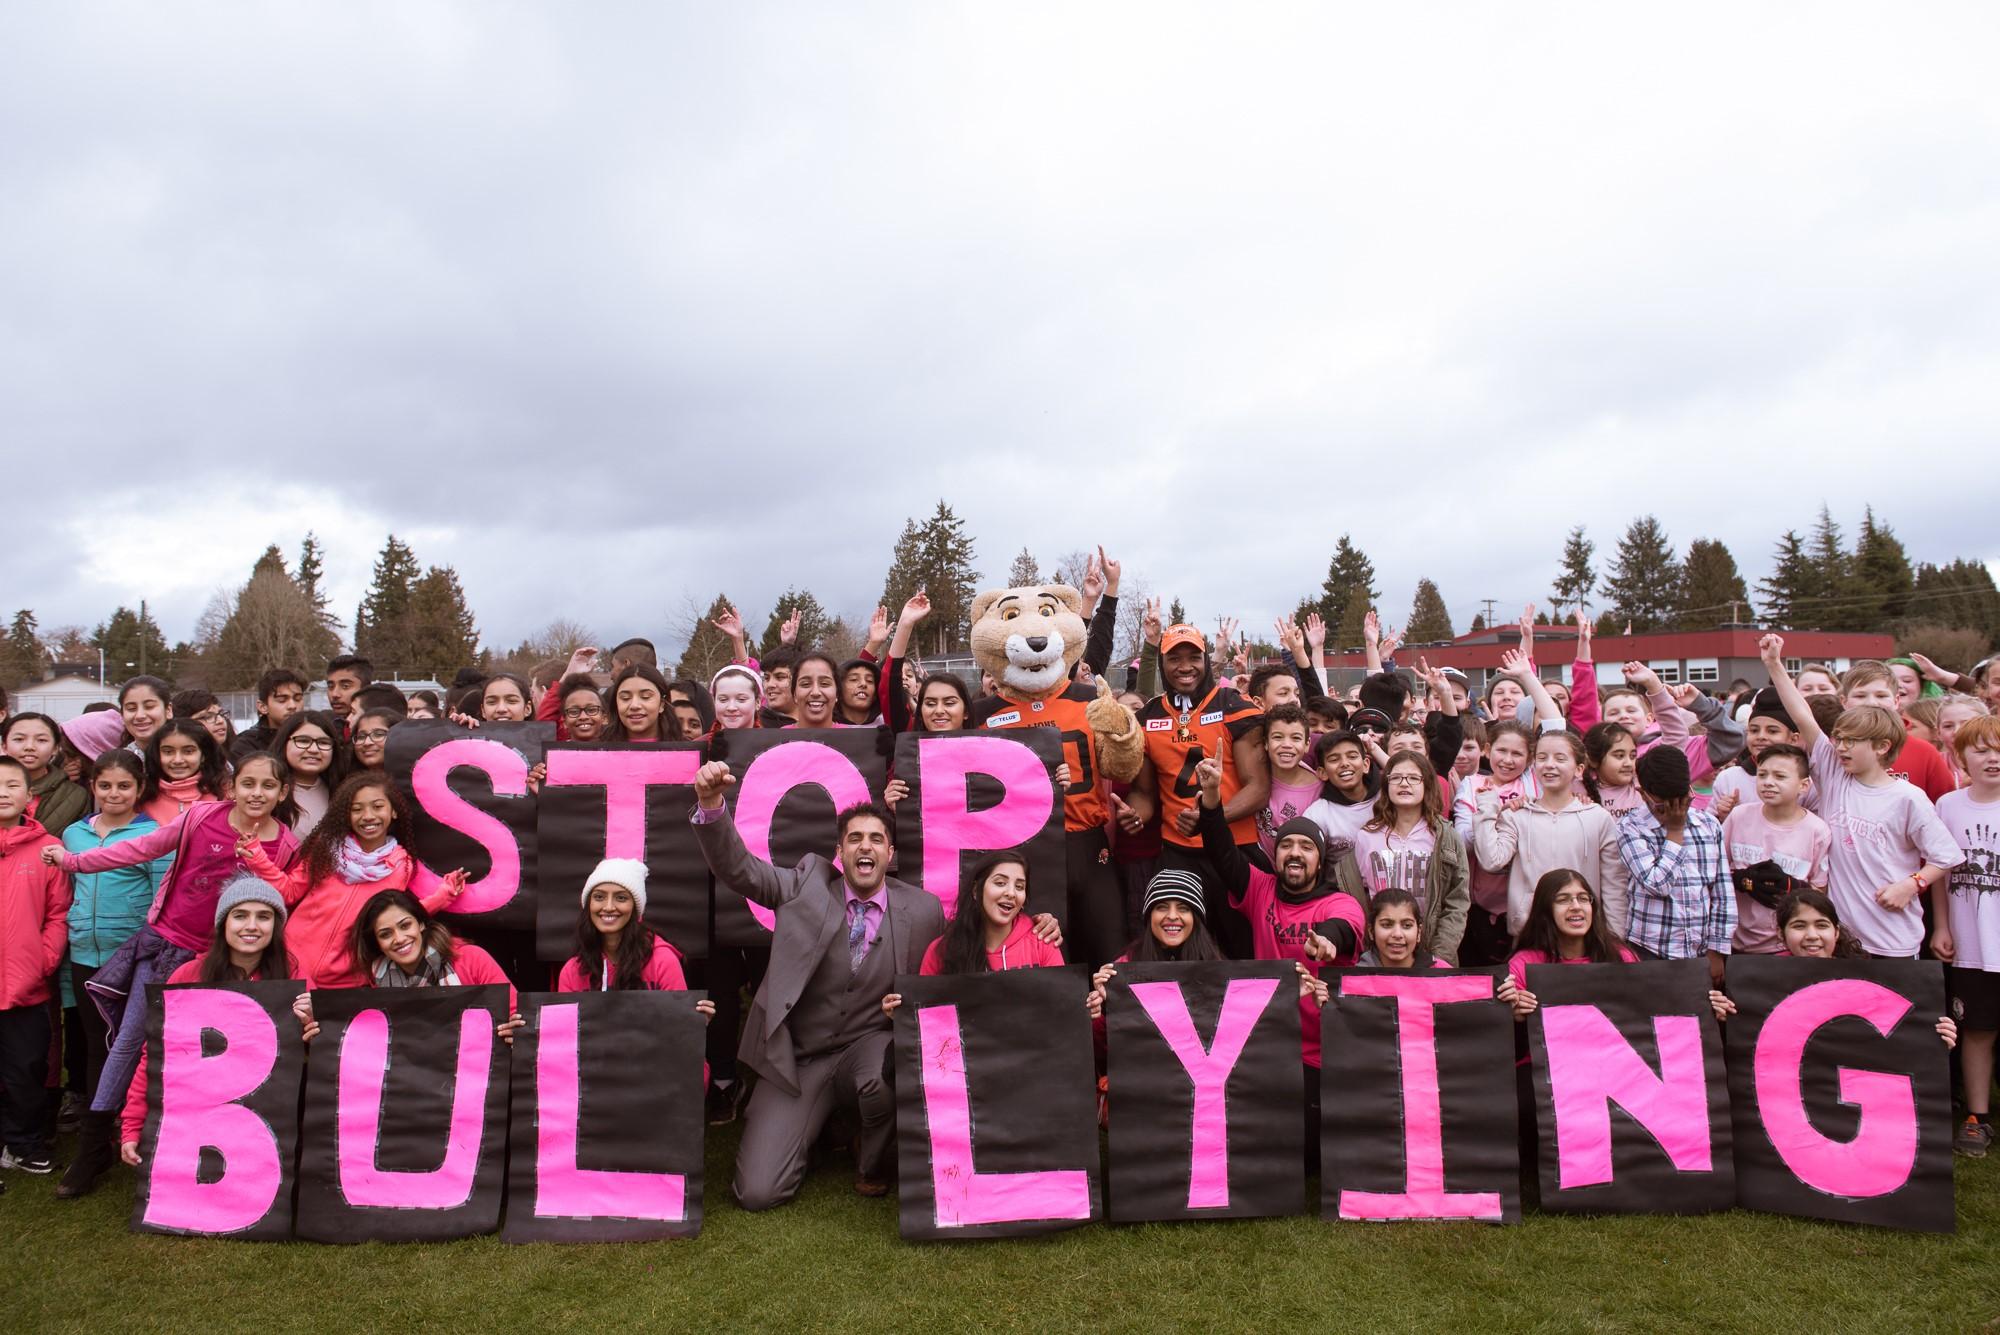 flash-mob-lip-dub-bullying-schools